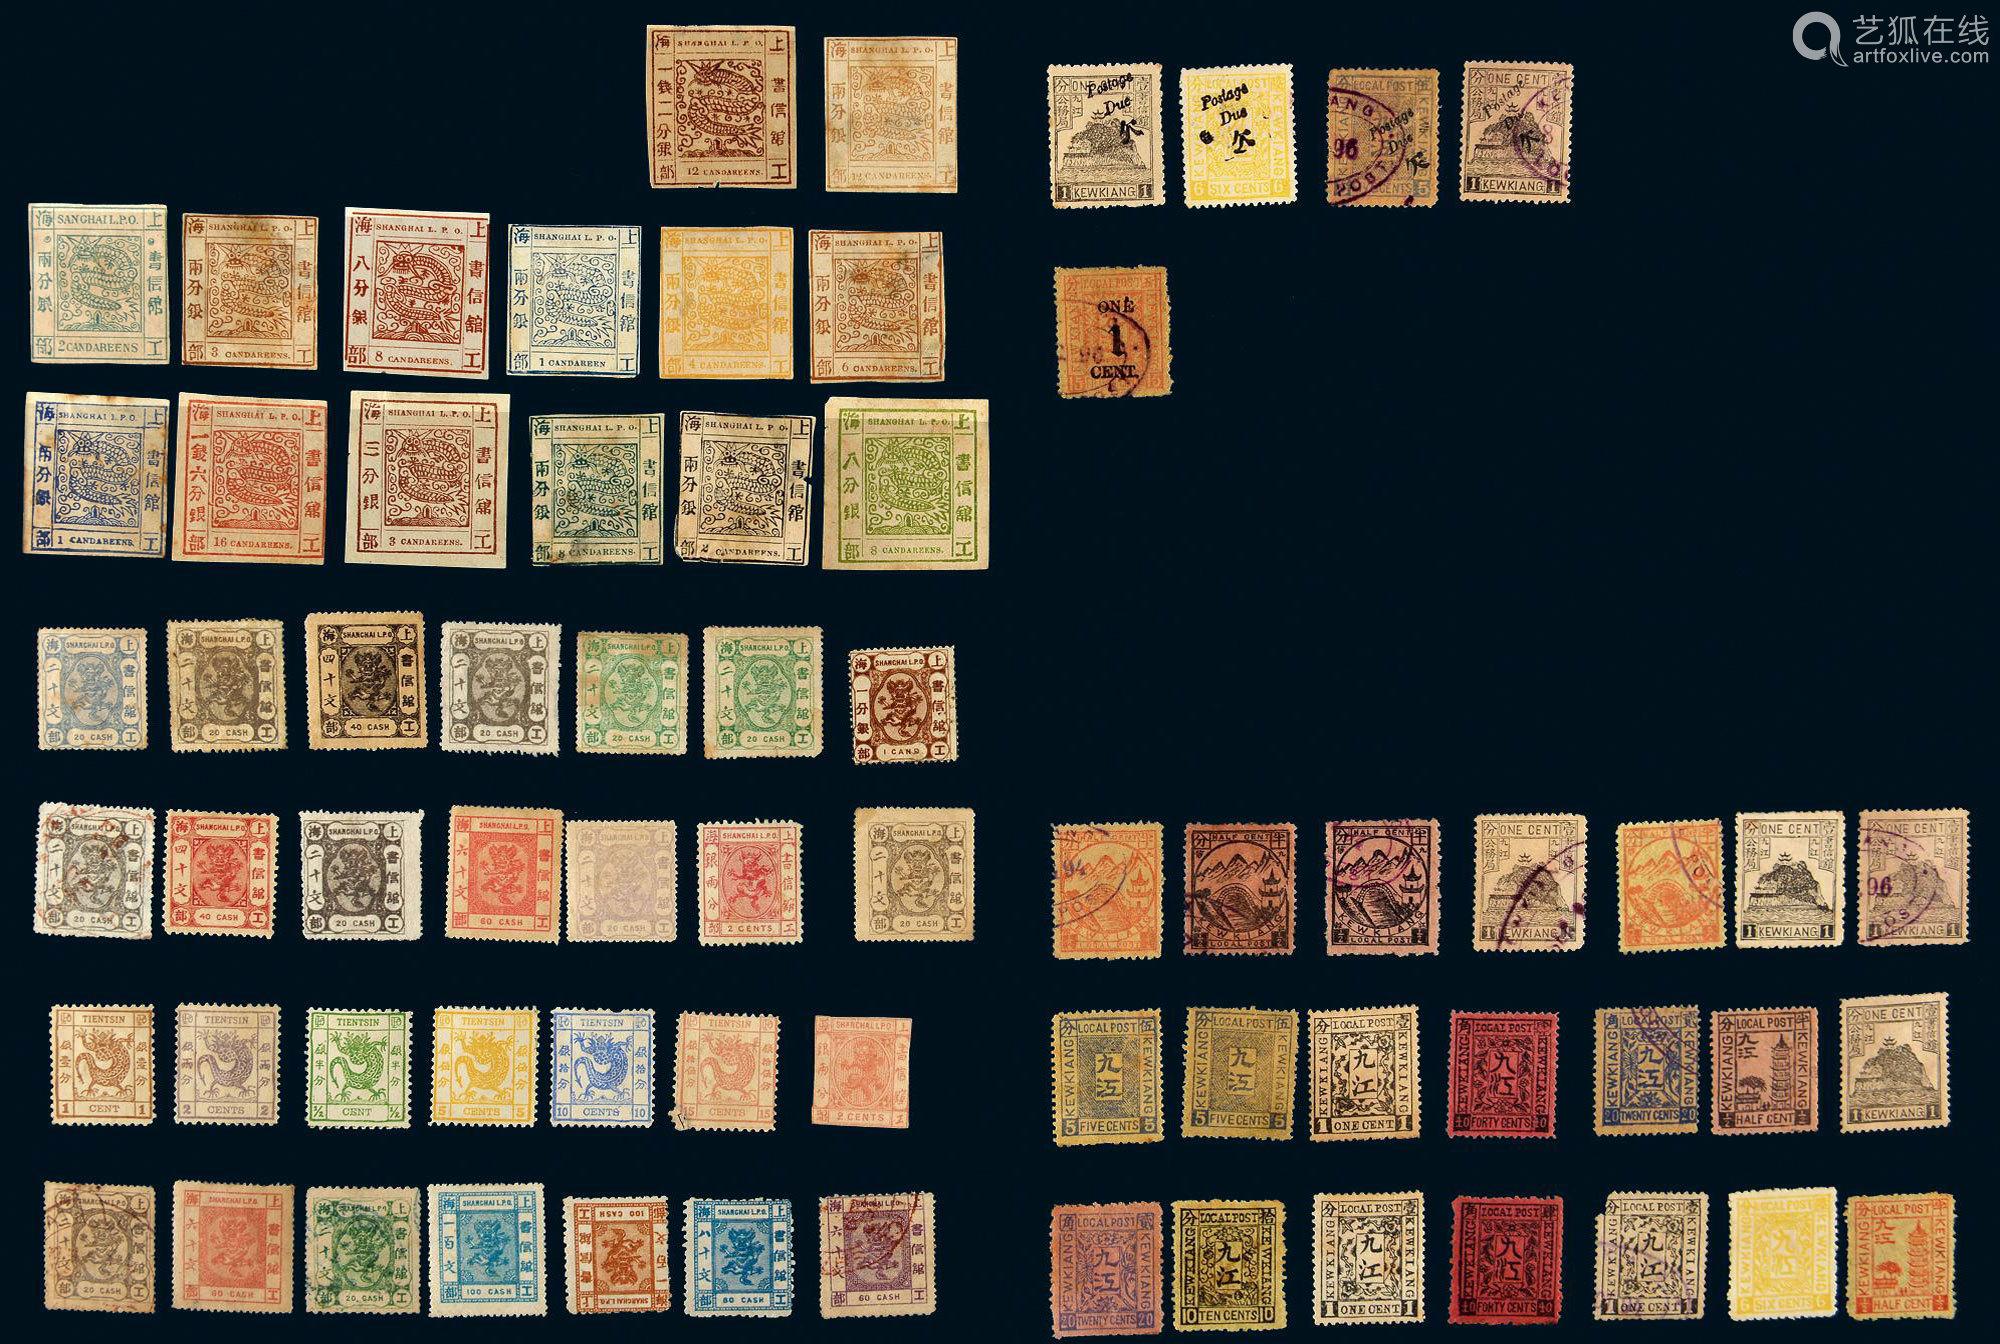 清代商埠邮票一组约三百枚